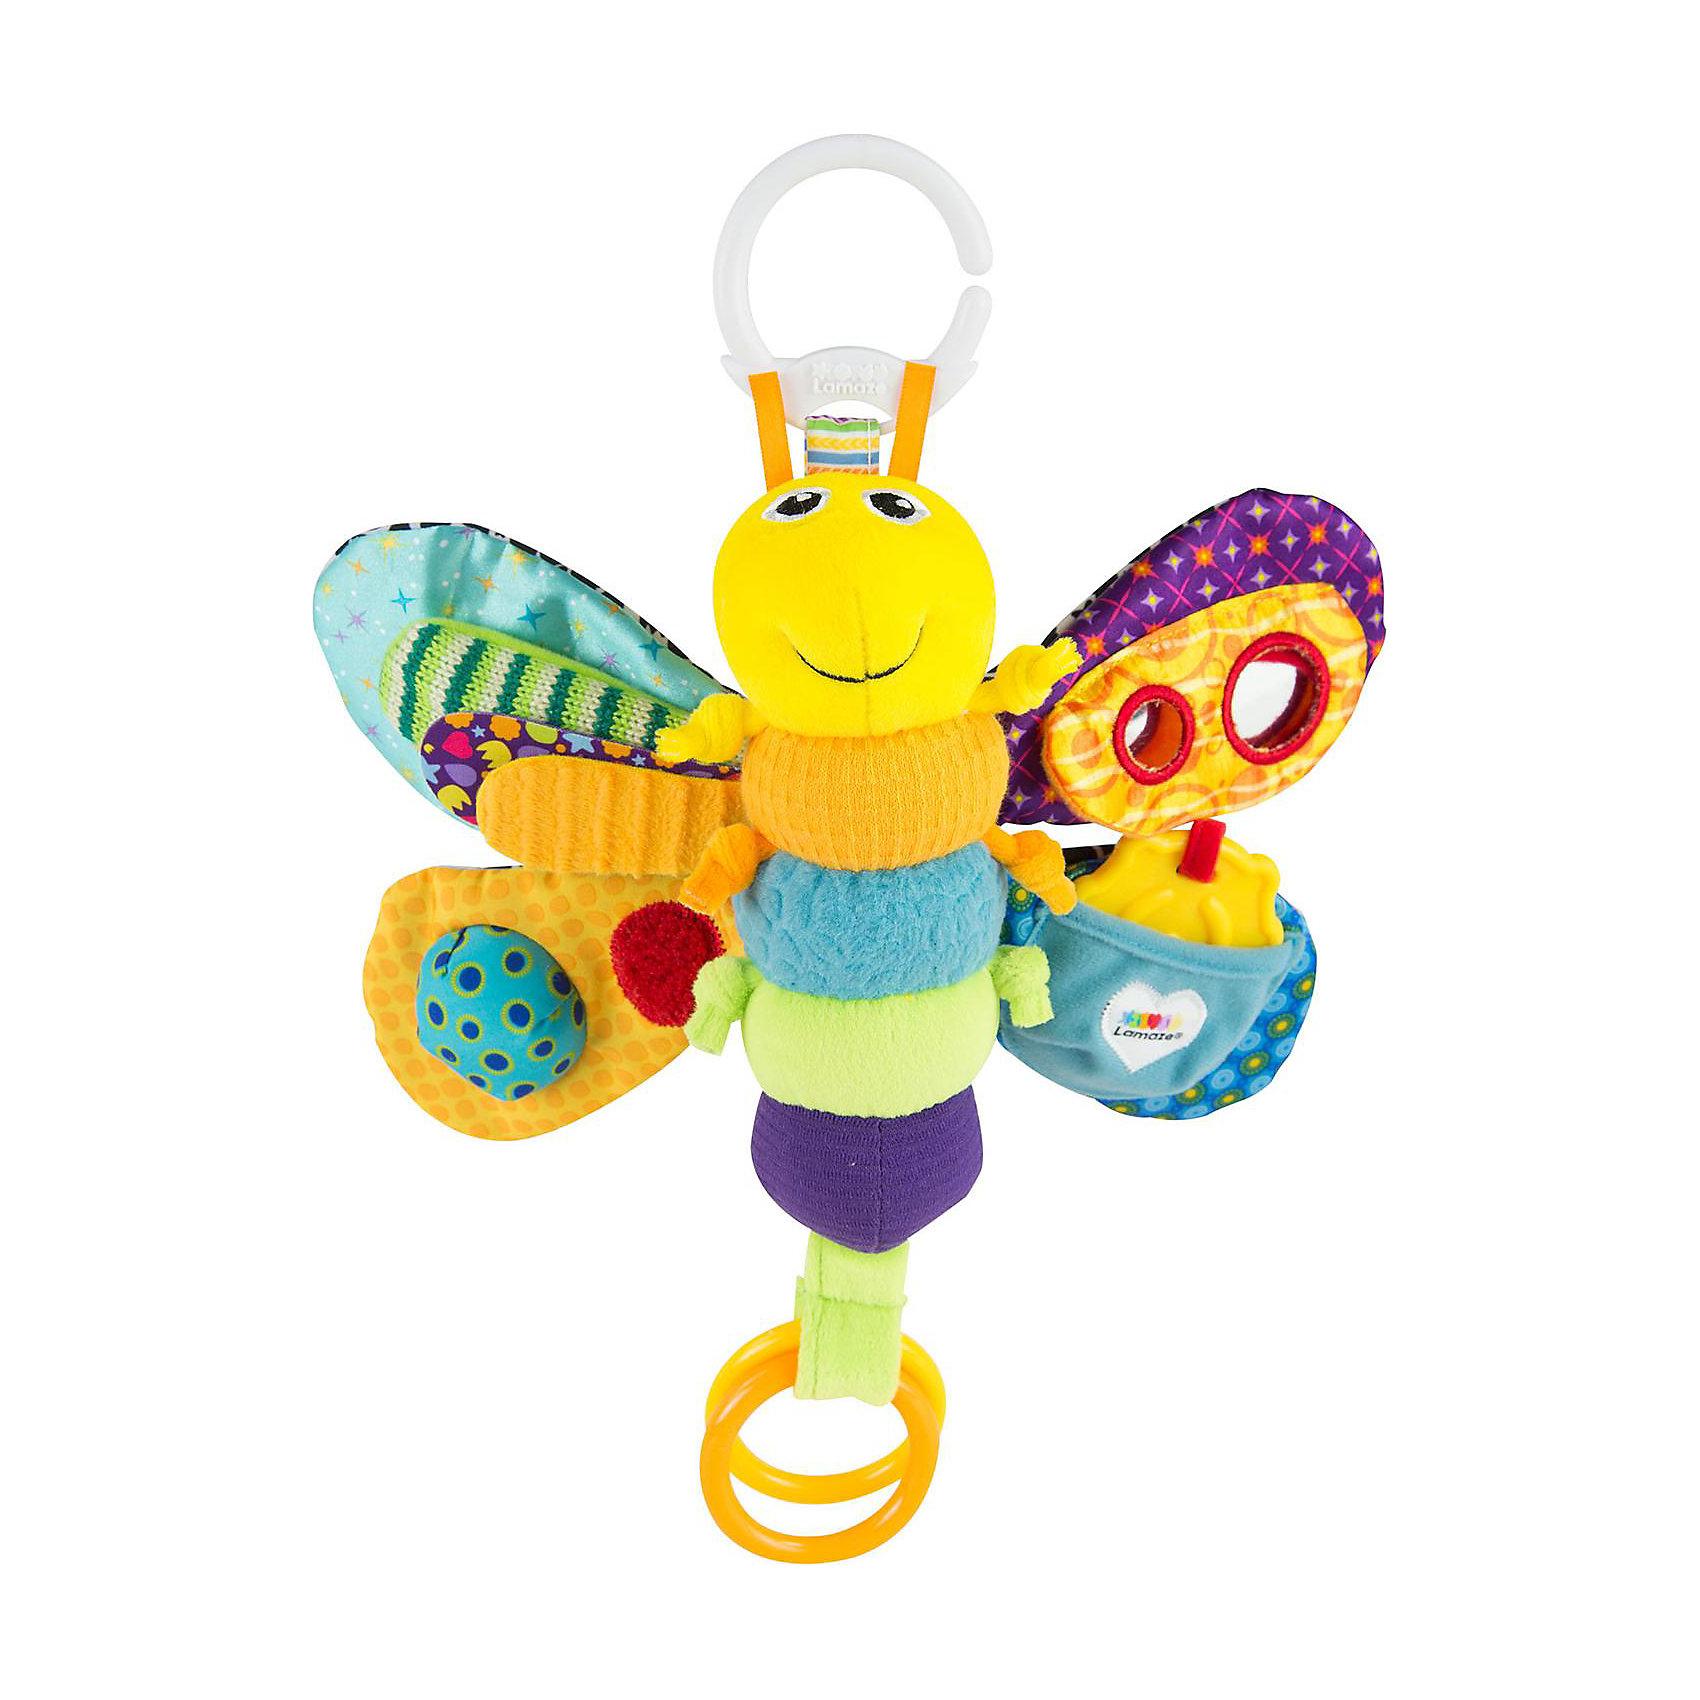 Игрушка Светлячок Фредди, LamazeПодвески<br>Яркая игрушка для самых маленьких обязательно полюбится крохе. Светлячок выполнен из разноцветных материалов различной фактуры, что позволяет развивать мелкую моторику, сенсорное и цветовое восприятие. Подвижные крылышки игрушки шуршат и пищат, привлекая внимание ребенка. На одном из крылышек есть безопасное зеркало, на другом - замечательная божья коровка - прорезыватель. Сверху и снизу есть колечки, за которые светлячка можно подвесить к кроватке, коляске или манежу, также за них  к нему можно присоединить любые другие игрушки или же использовать в виде прорезывателя для зубов.  Выполненный из безопасных гипоаллергенных материалов этот светлячок станет прекрасным подарком для любого крохи.<br><br>Дополнительная информация:<br><br>- Материал: пластик, текстиль.<br>- Размер: 23х30х8 см.<br>- Цвет: разноцветный.<br>- Звуковые эффекты: пищалка.<br><br>Игрушку Светлячок Фредди, Lamaze можно купить в нашем магазине.<br><br>Ширина мм: 241<br>Глубина мм: 195<br>Высота мм: 78<br>Вес г: 137<br>Возраст от месяцев: 0<br>Возраст до месяцев: 12<br>Пол: Унисекс<br>Возраст: Детский<br>SKU: 1860555